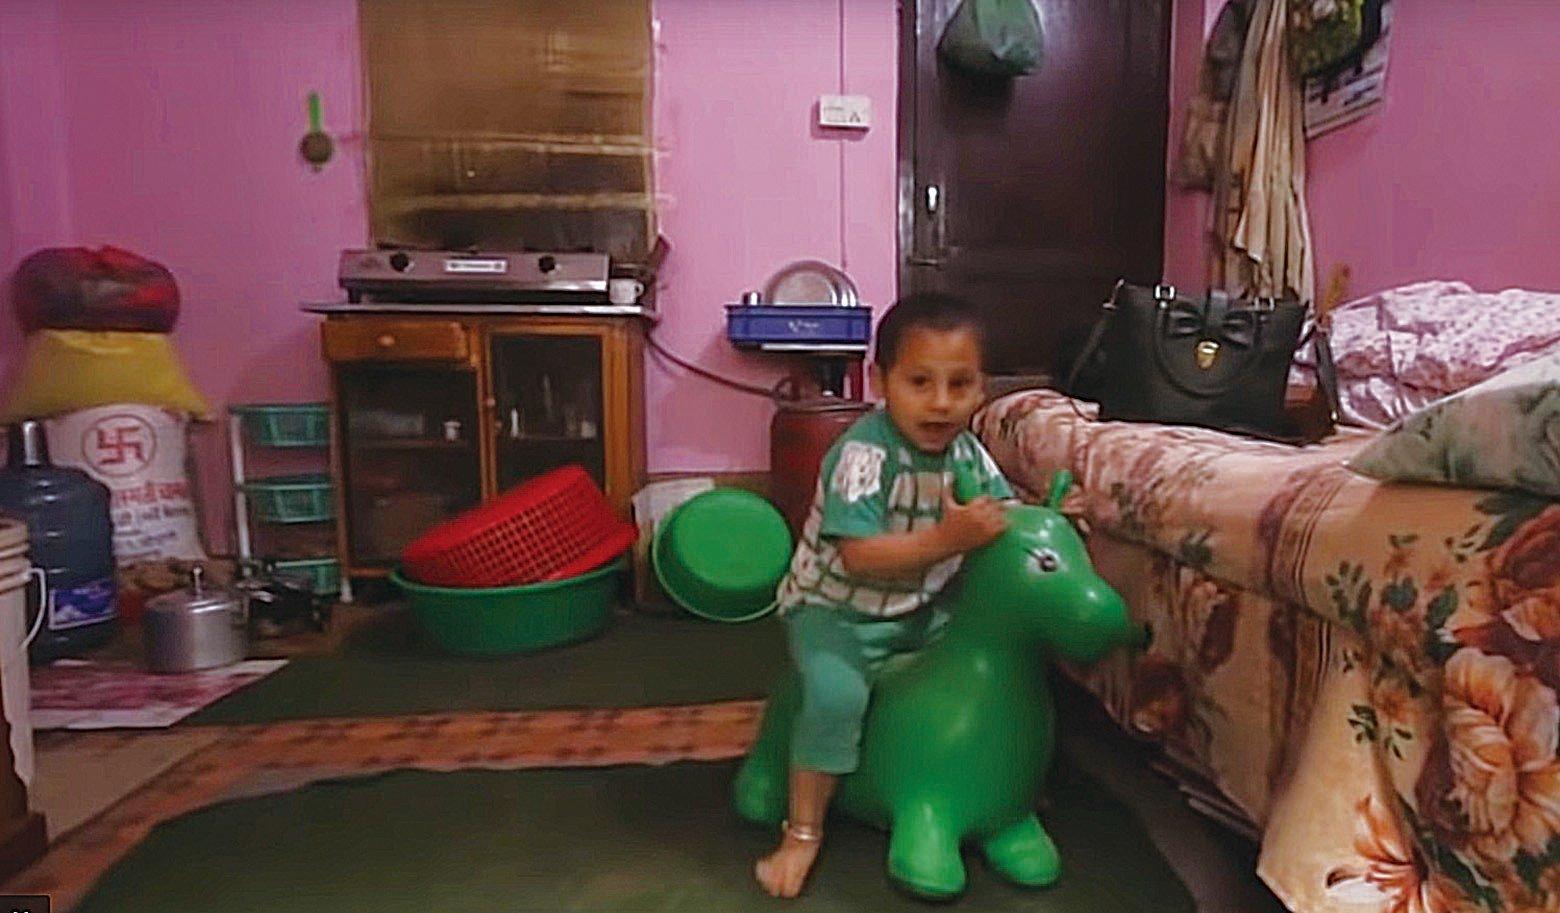 當年在地震中獲救的嬰兒索尼什阿瓦爾(Sonish Awal),如今已經4歲了,成為一個快樂和熱情的男孩。(影片截圖)